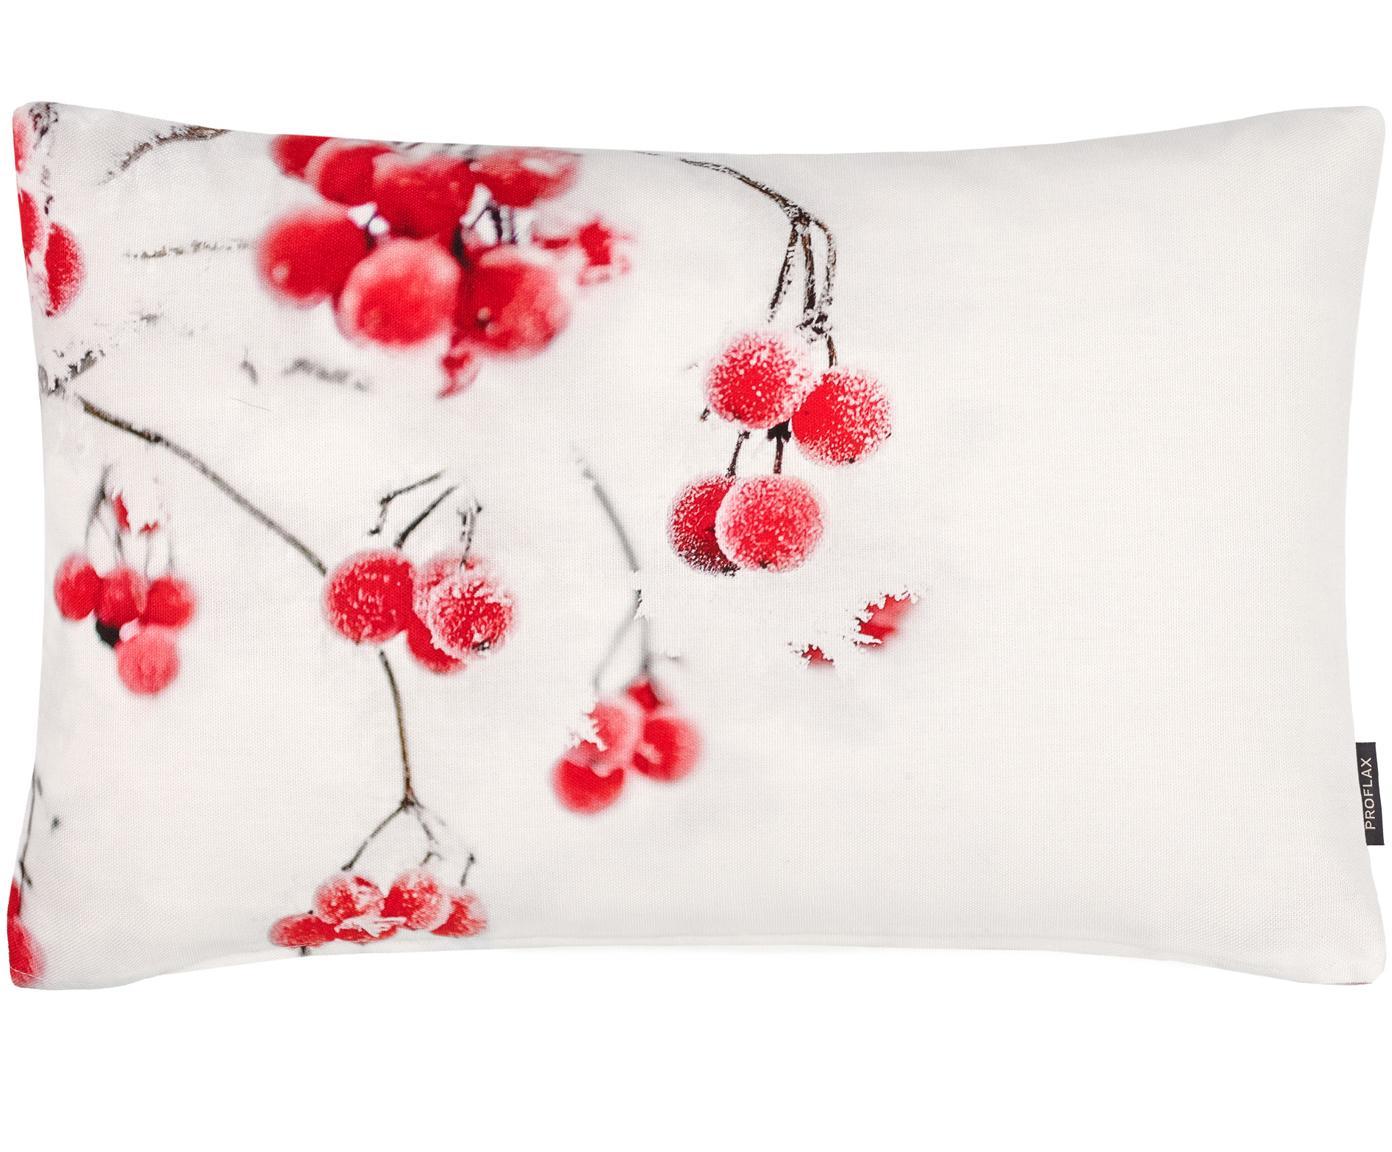 Kissenhülle Tiny mit winterlichem Motiv, Baumwolle, Weiß, Rot, Grau, 30 x 50 cm